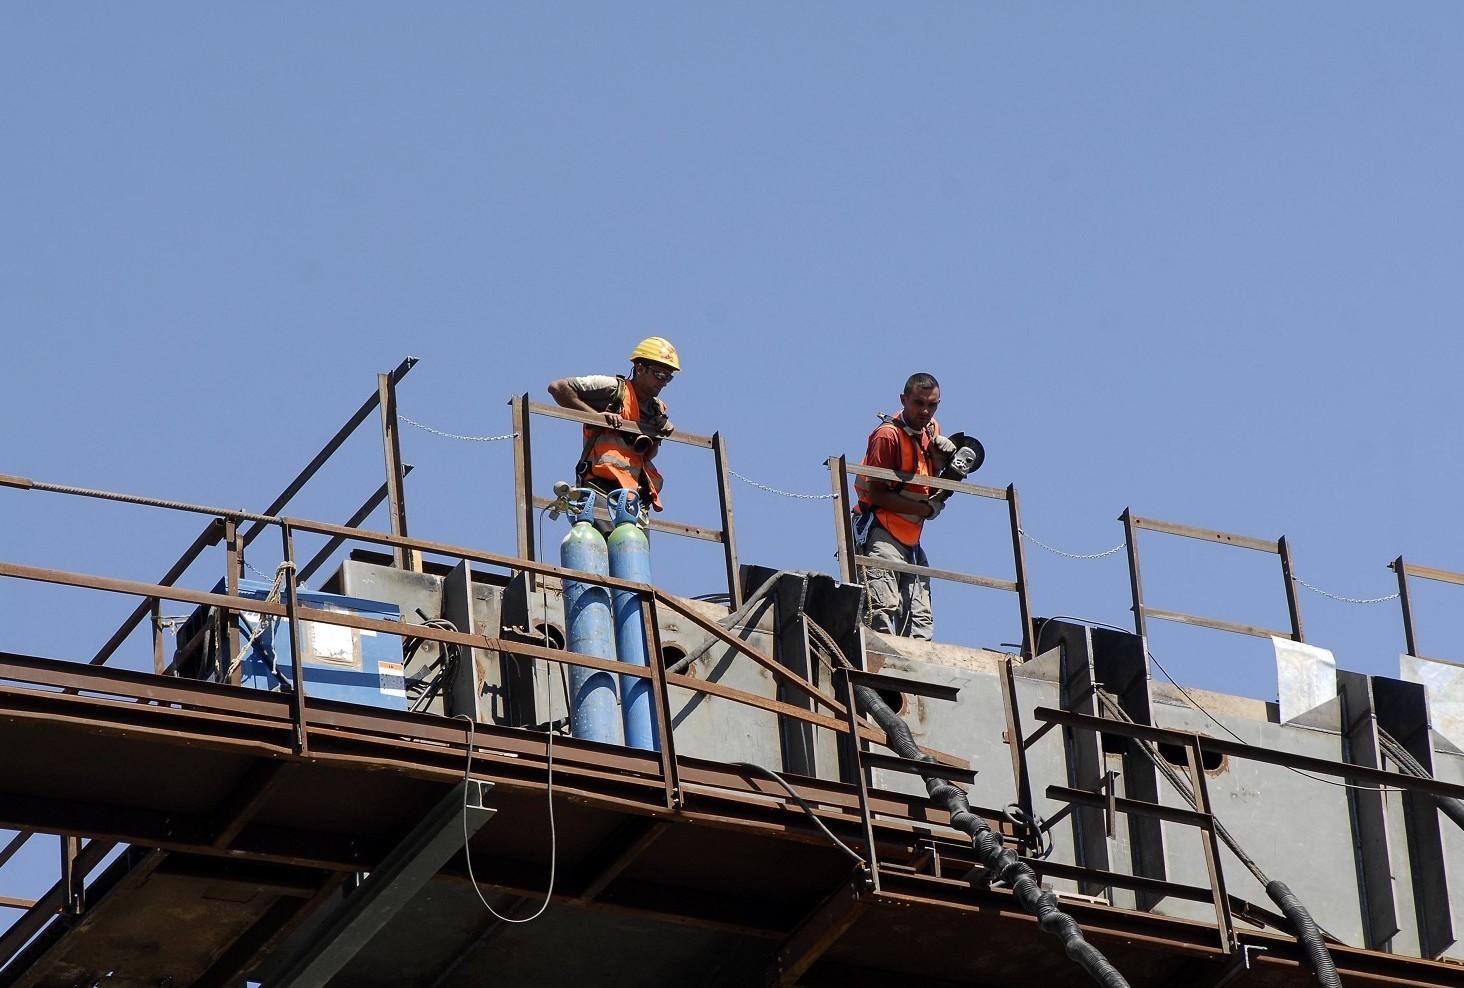 Indennità disoccupazione contratto edile 2020 quali aiuti si possono richiedere